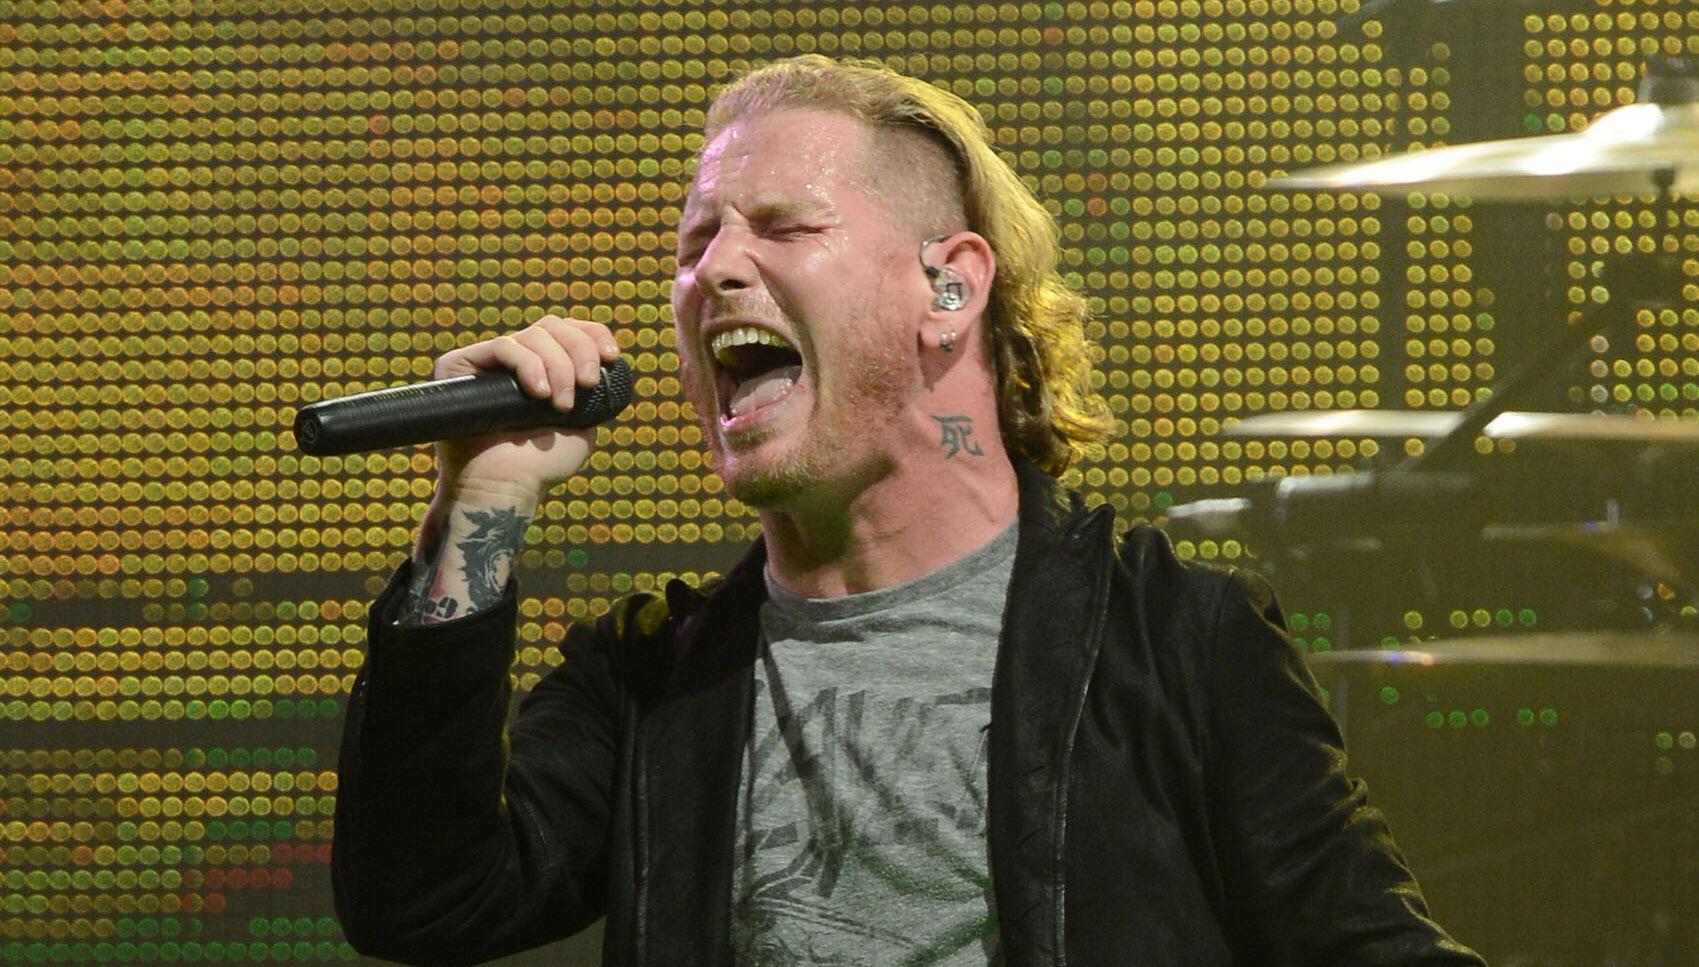 Slipknot/Stone Sour's Corey Taylor plans solo album